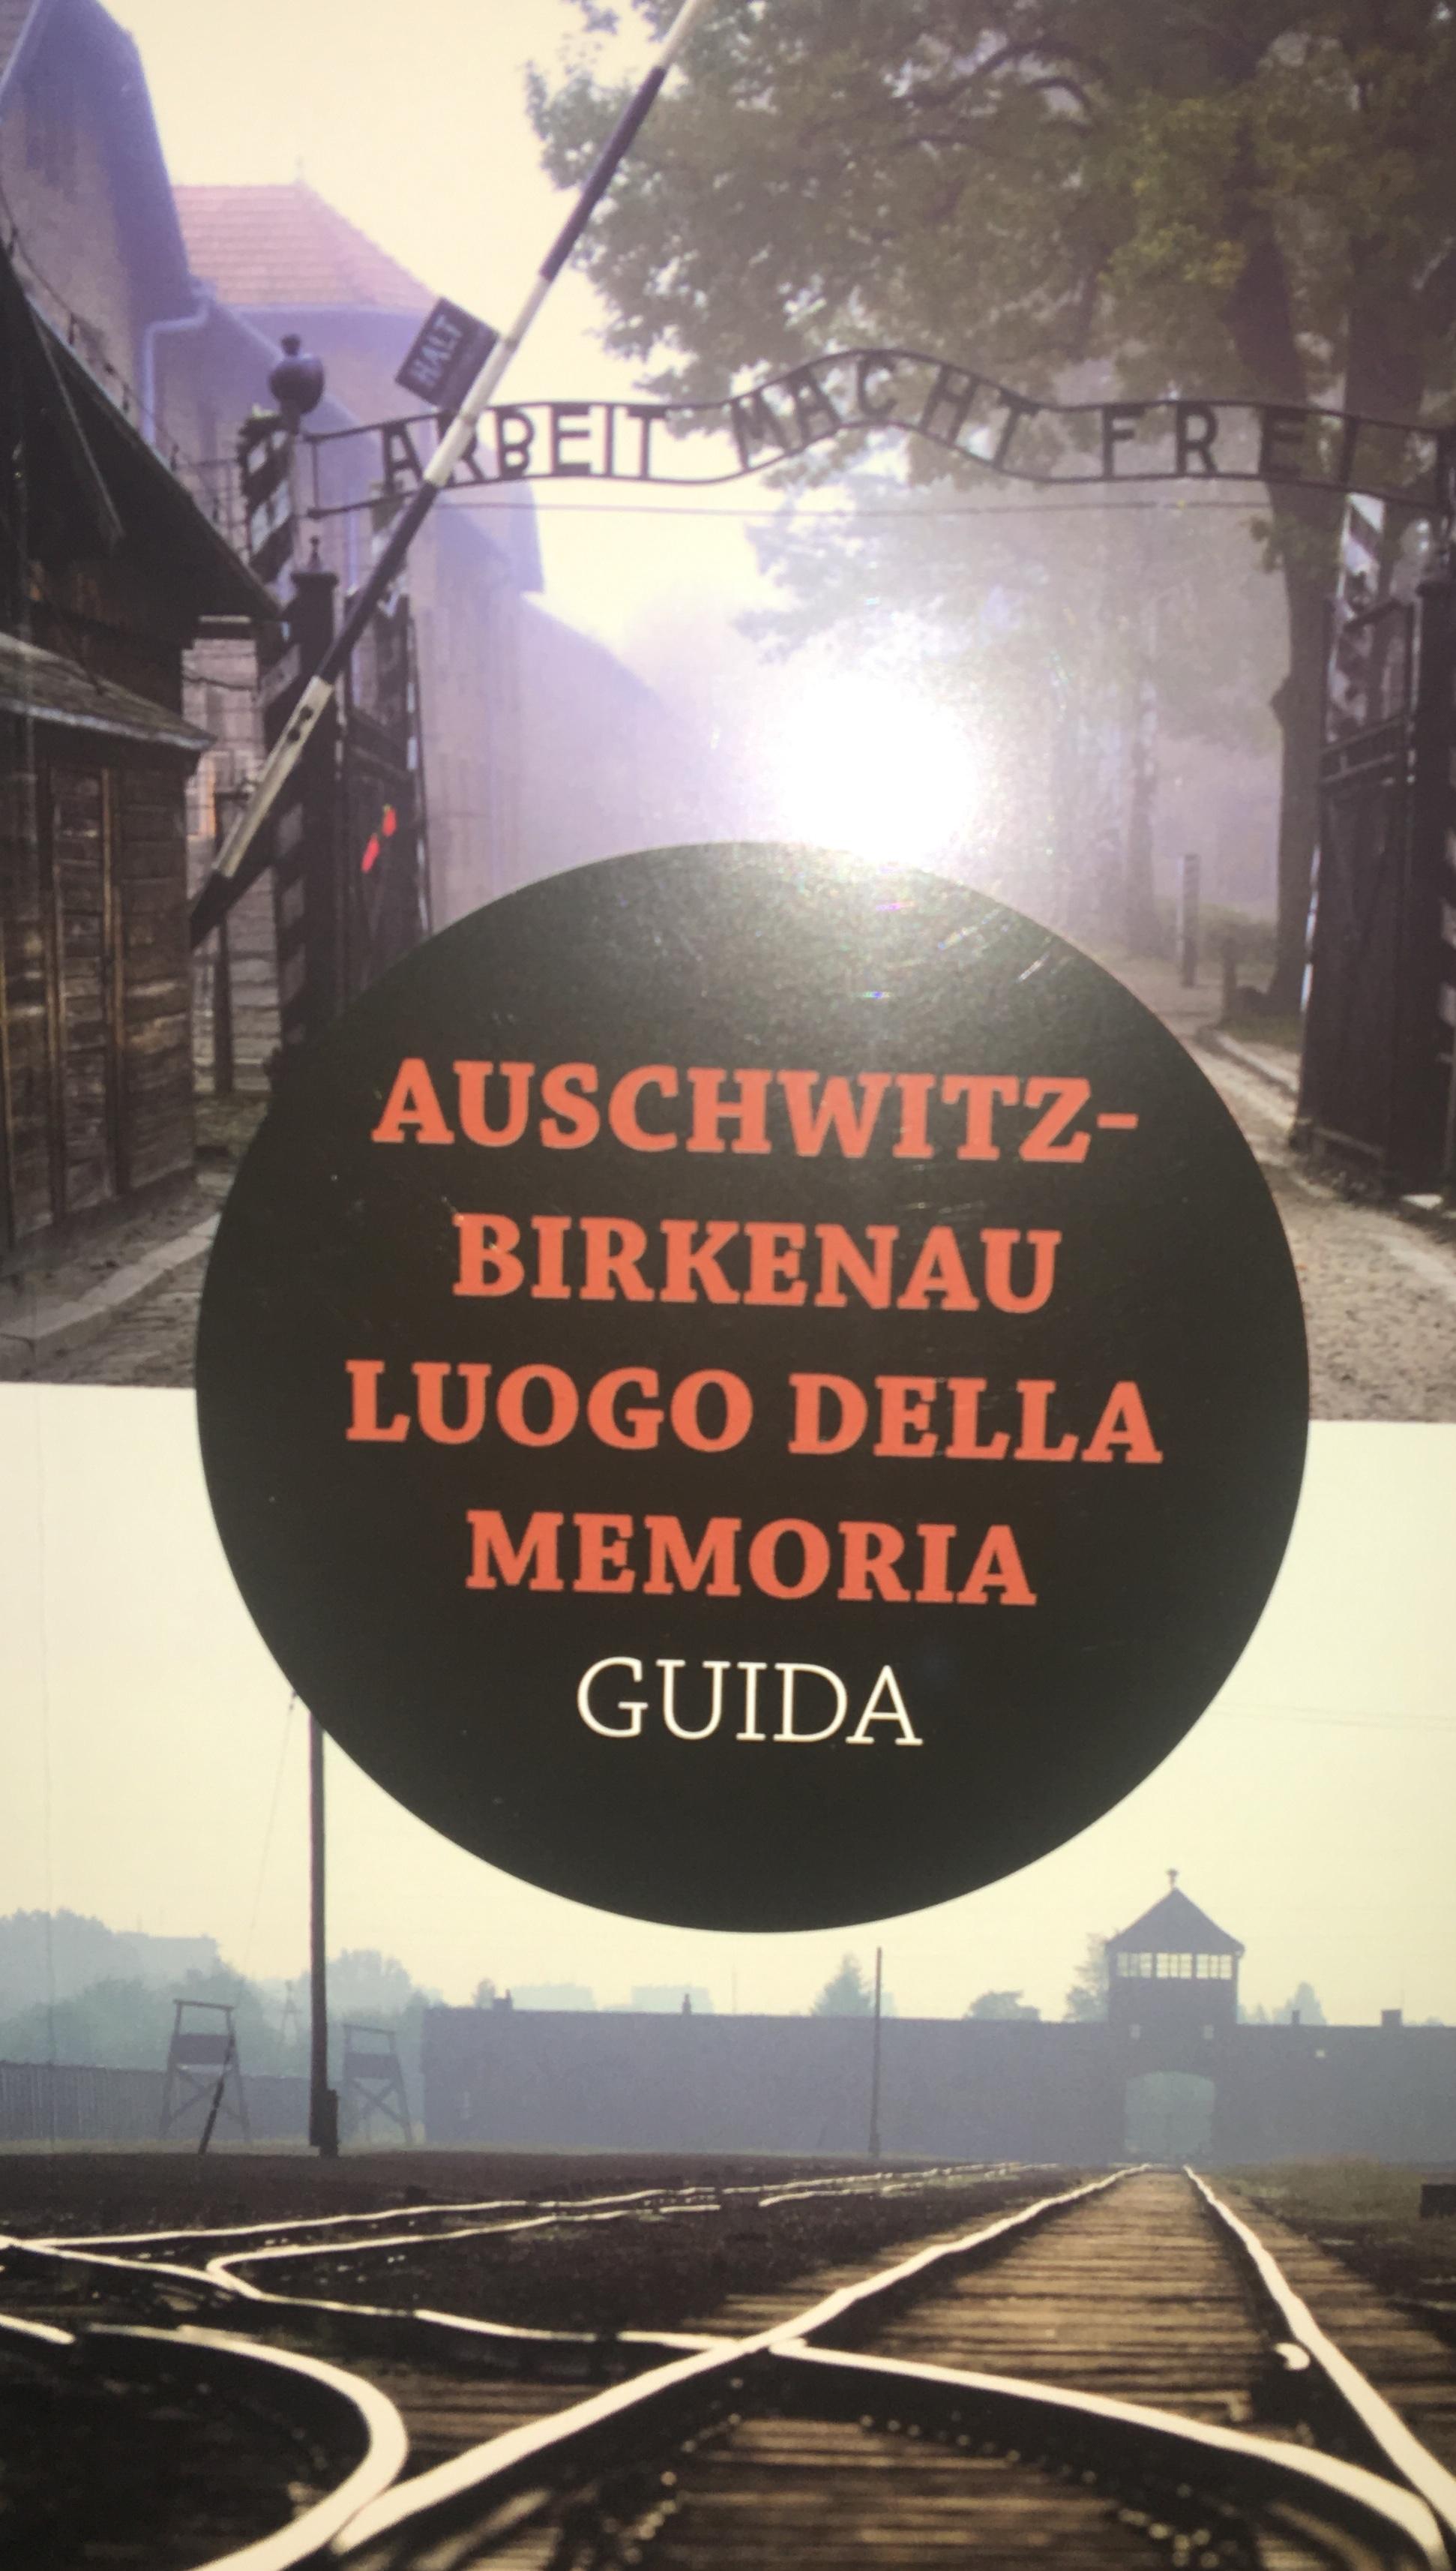 Auschwitz-Birkenau luogo della memoria